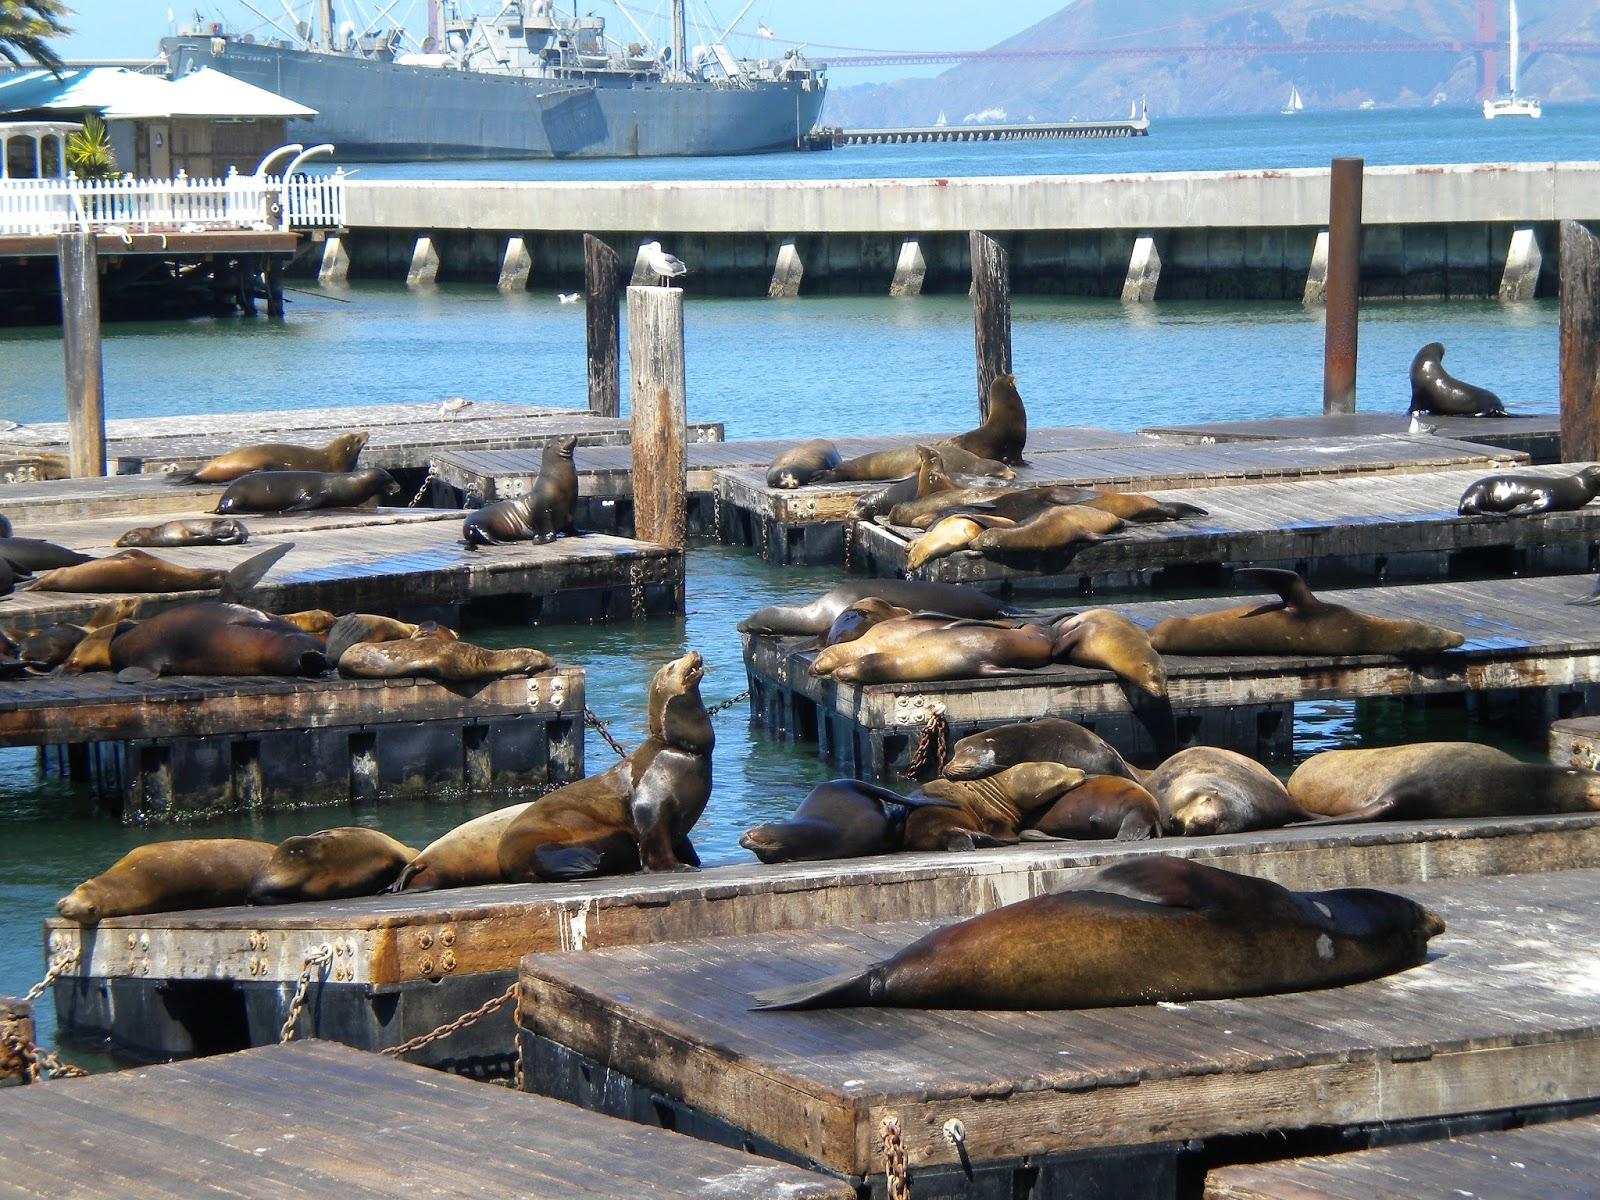 san francisco kalifornia fisherman's wharf merileijona pier laituri matkailu matkajuttu mallaspulla